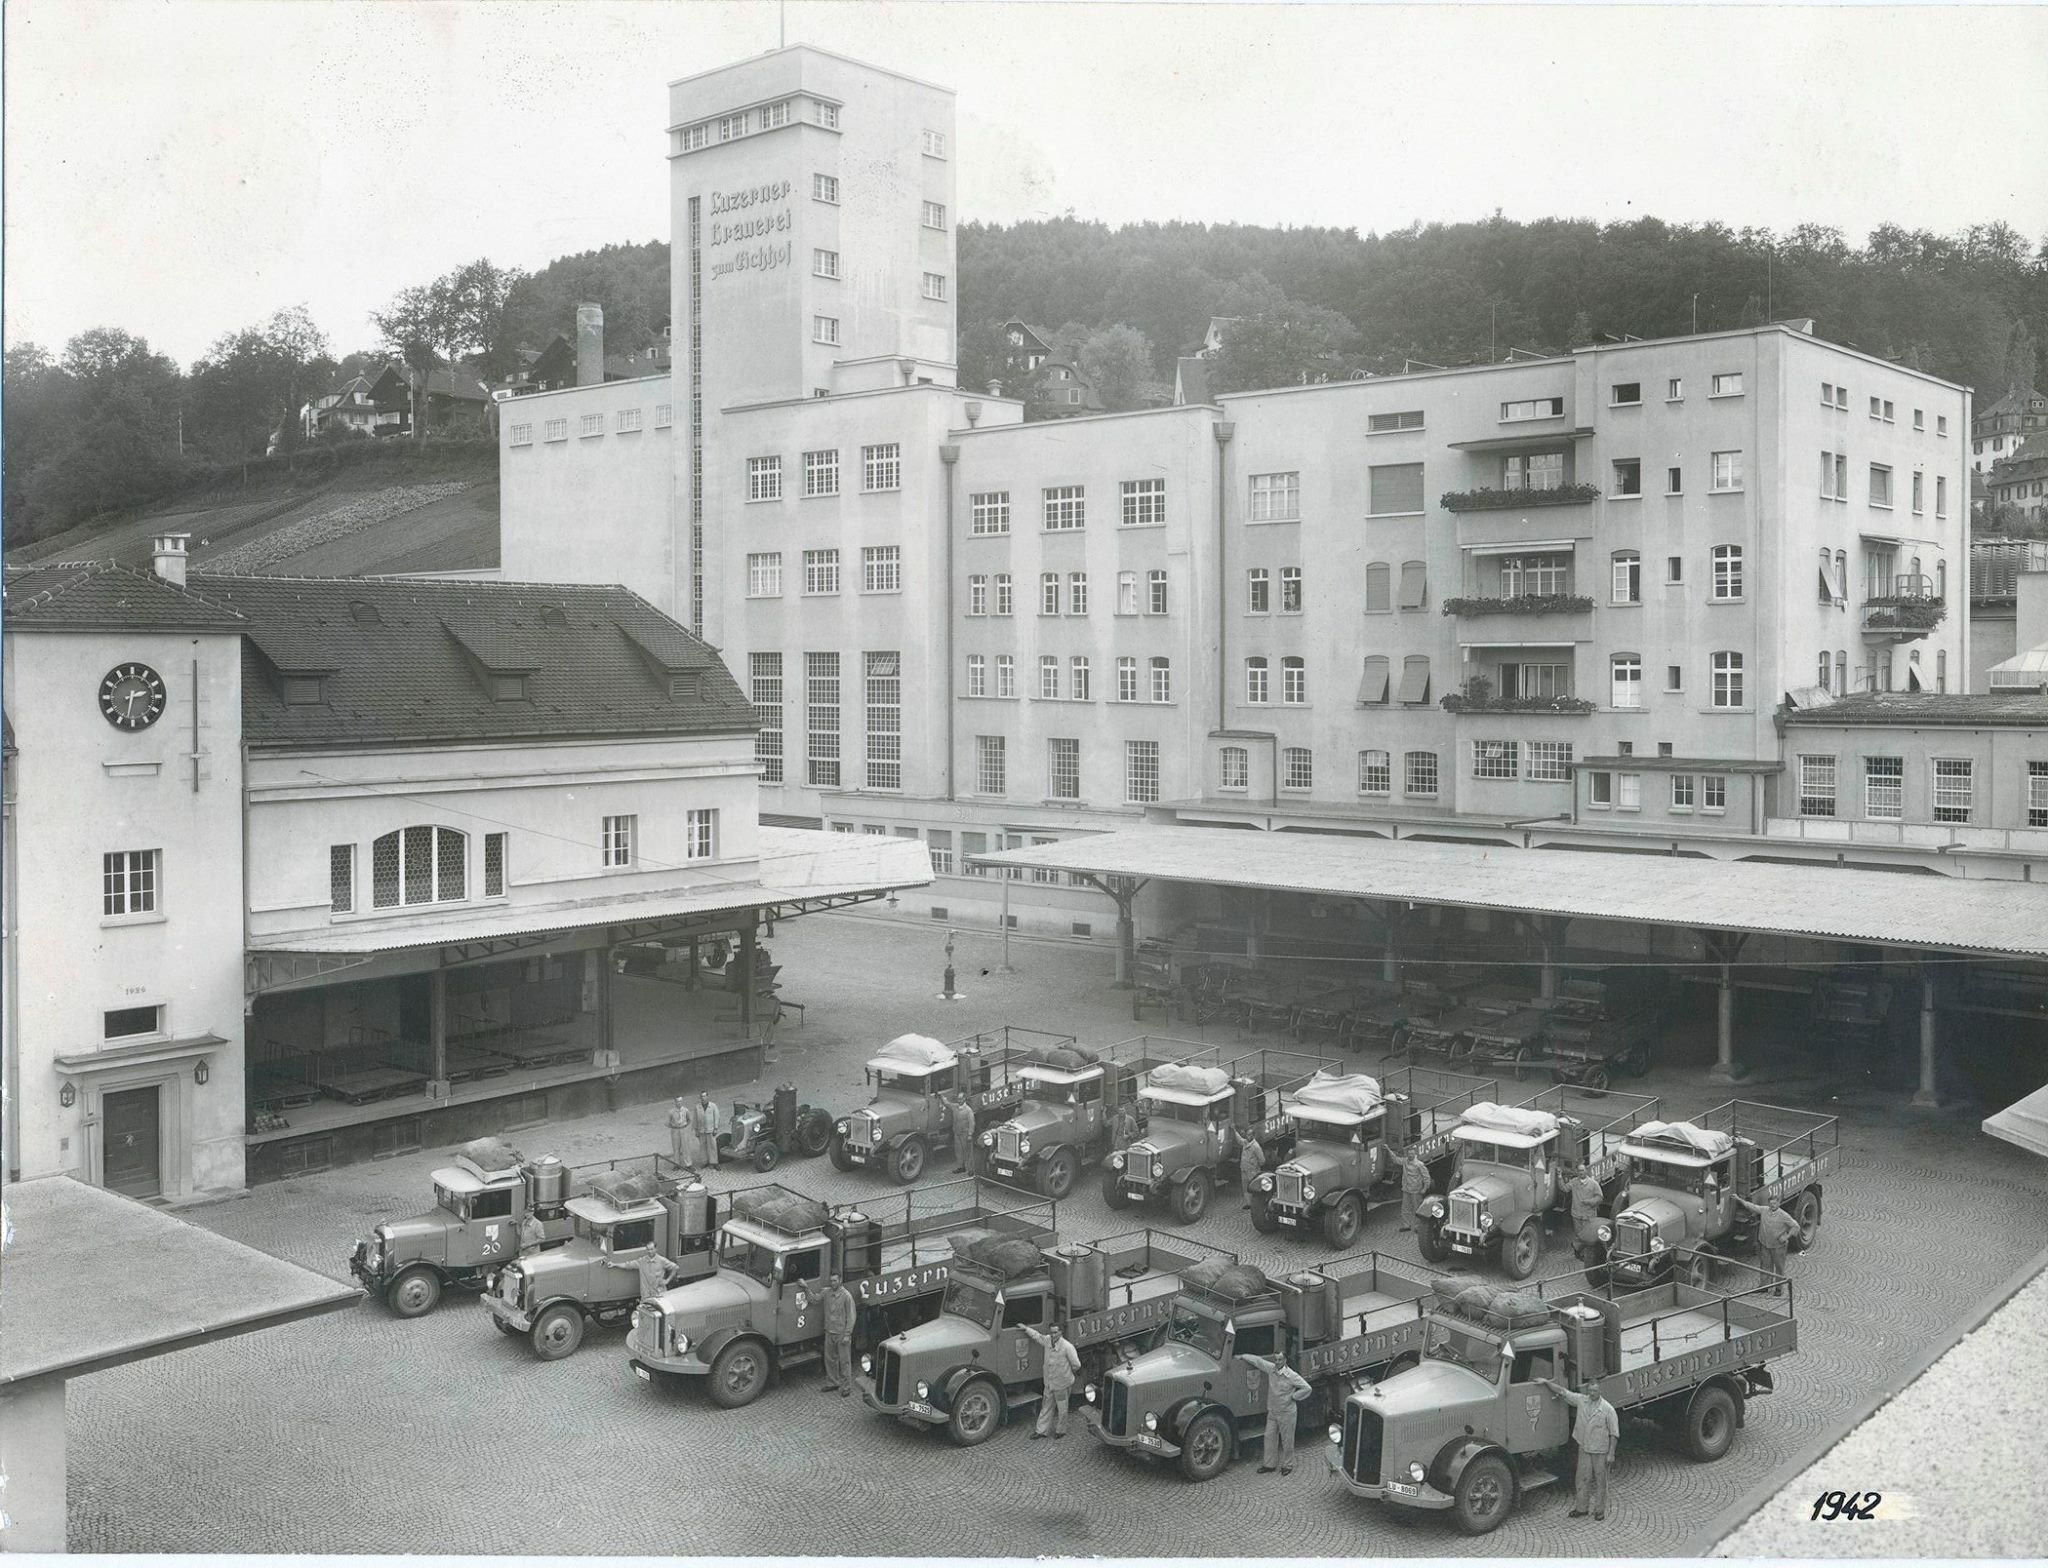 Die «Luzerner Brauerei zum Eichhof AG» während des Zweiten Weltkriegs. Die Lastwagen: Holzgas-Generatoren trieben die Bierlastwagen an.